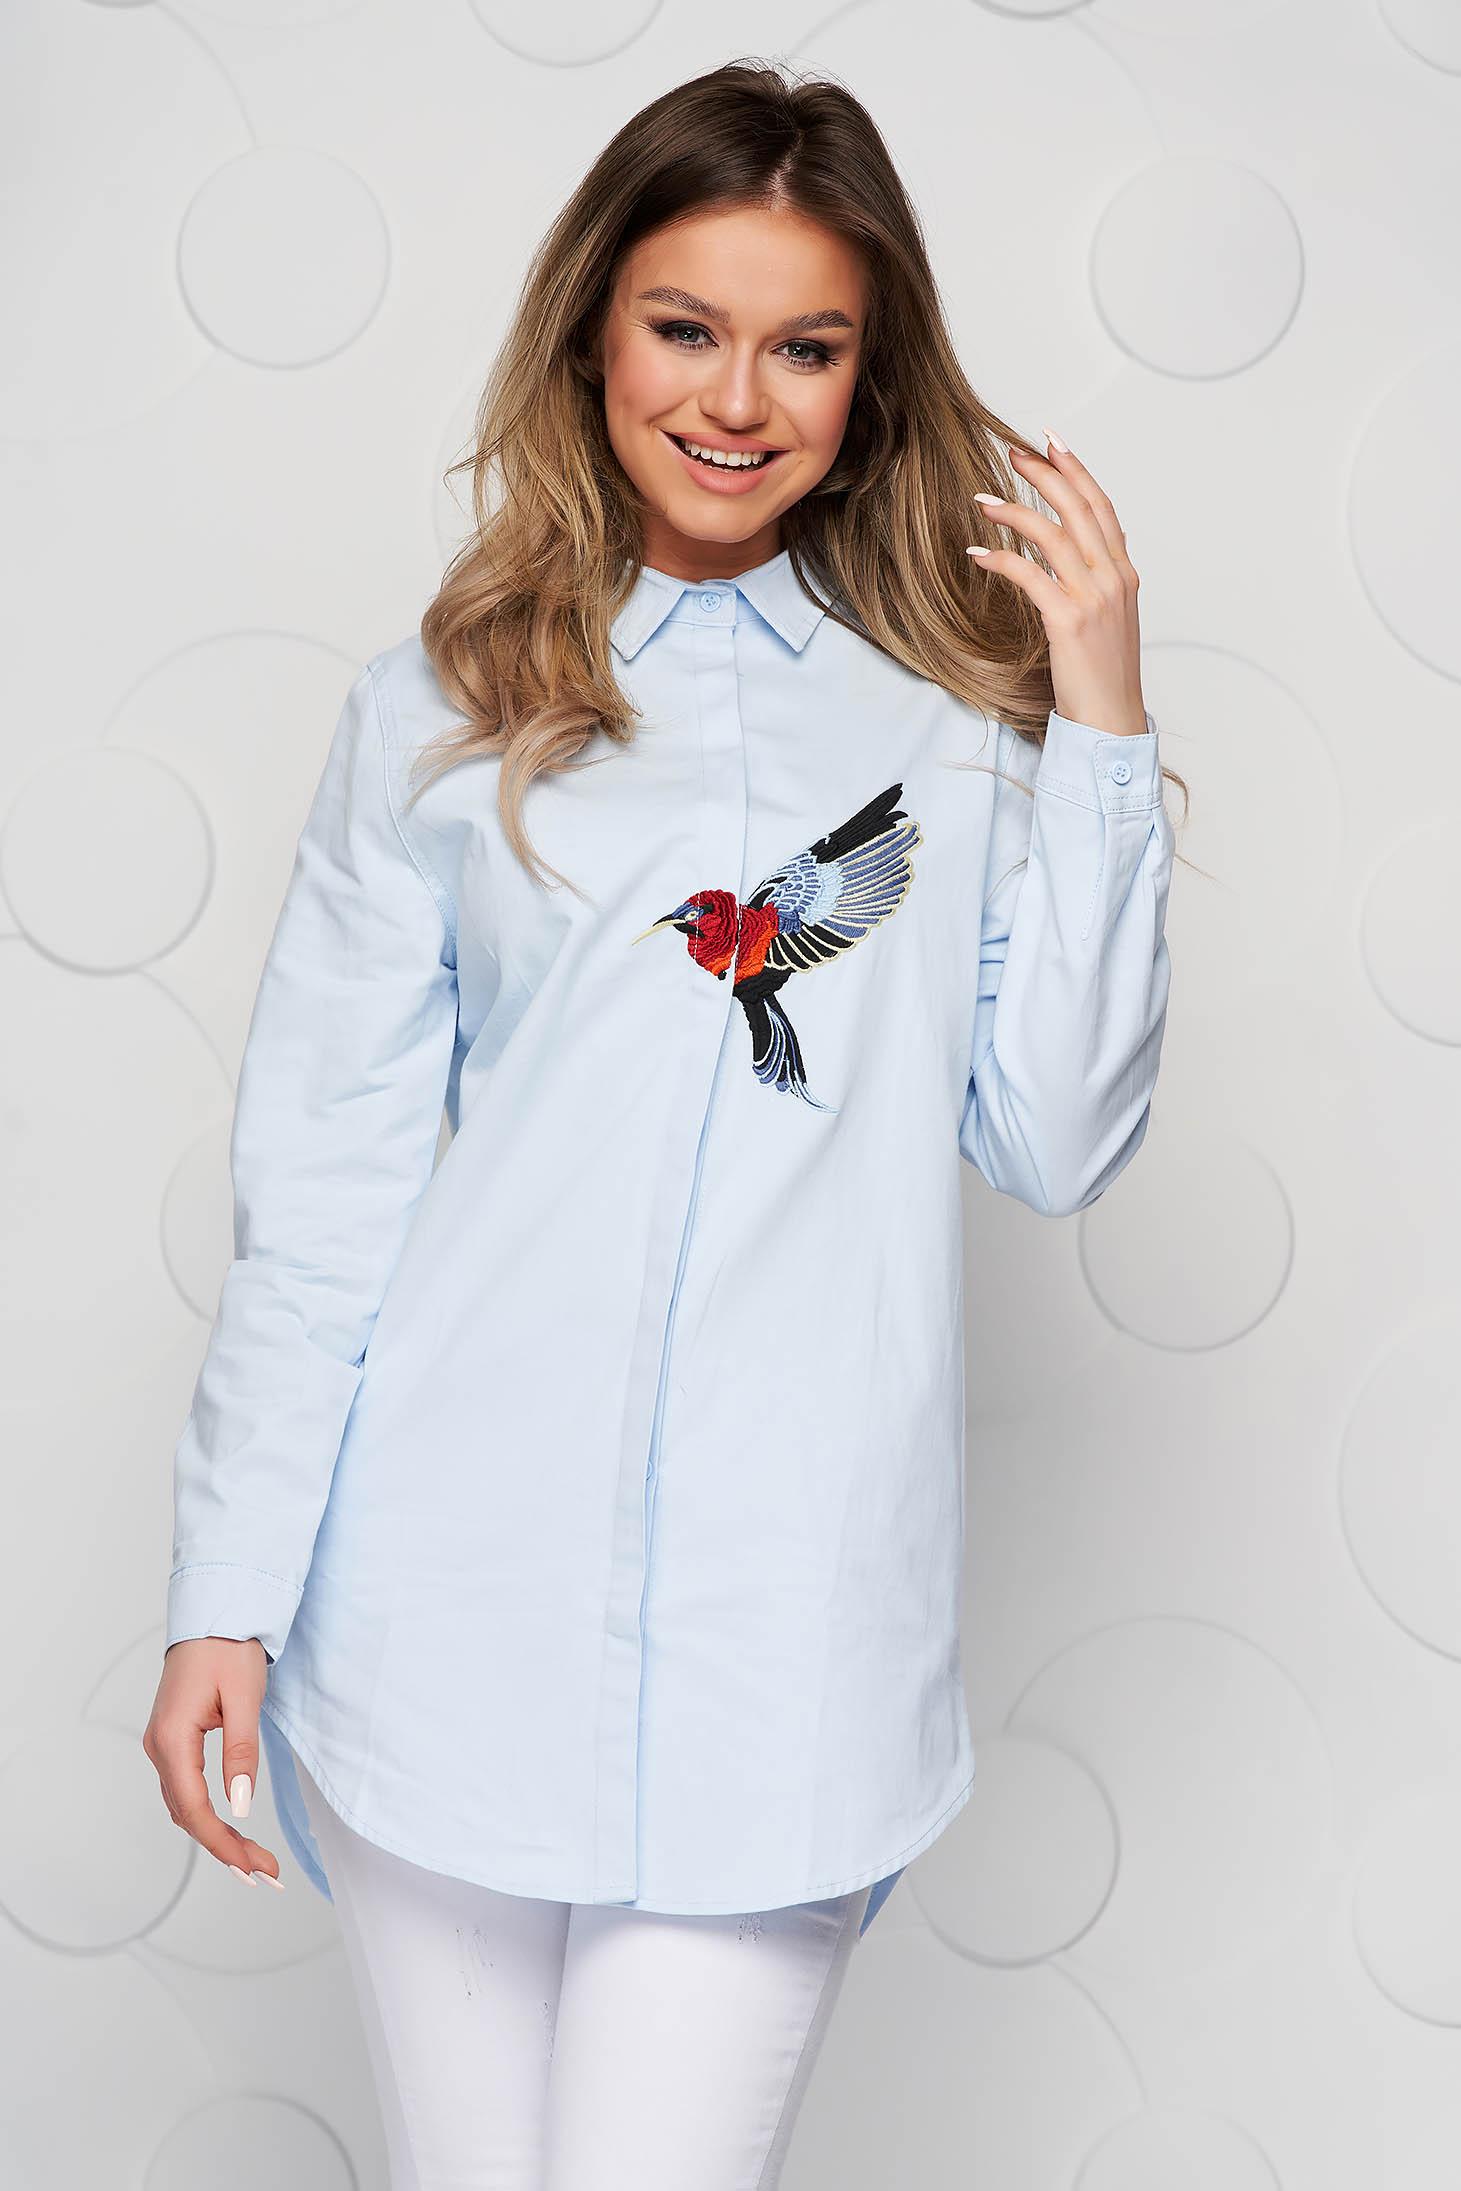 Camasa dama SunShine albastra din bumbac subtire cu insertii de broderie cu croi larg